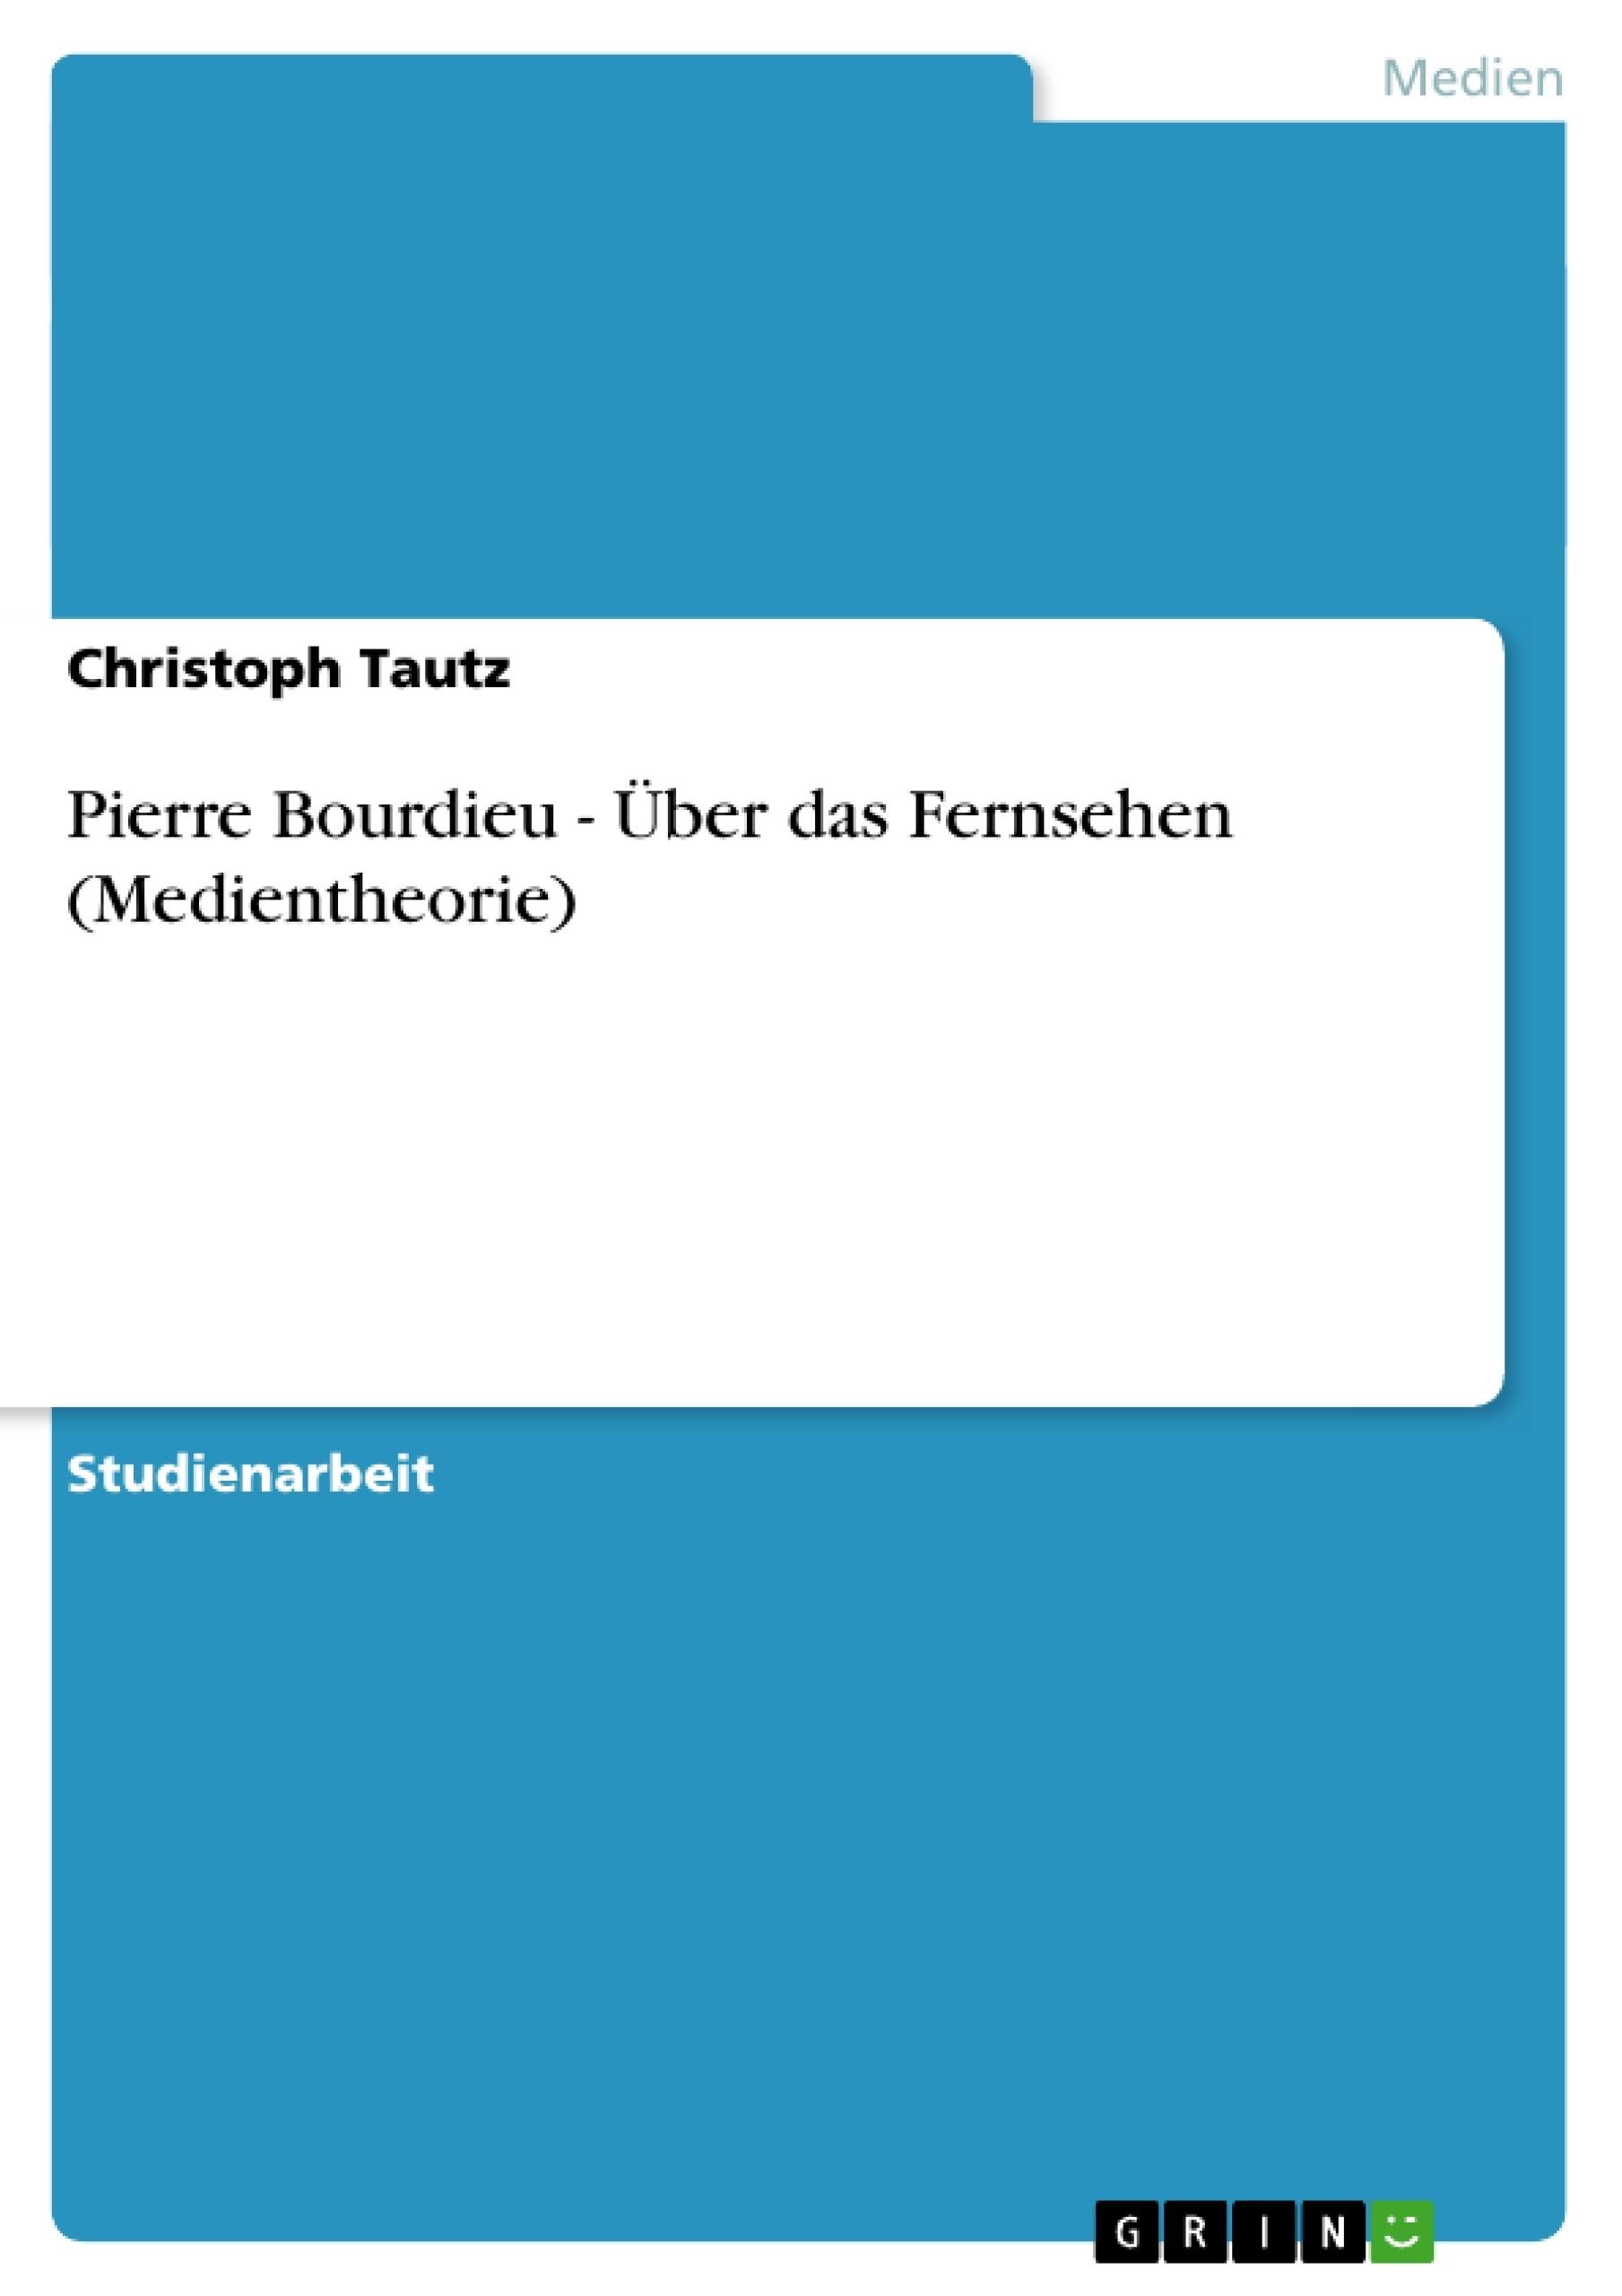 Titel: Pierre Bourdieu - Über das Fernsehen (Medientheorie)